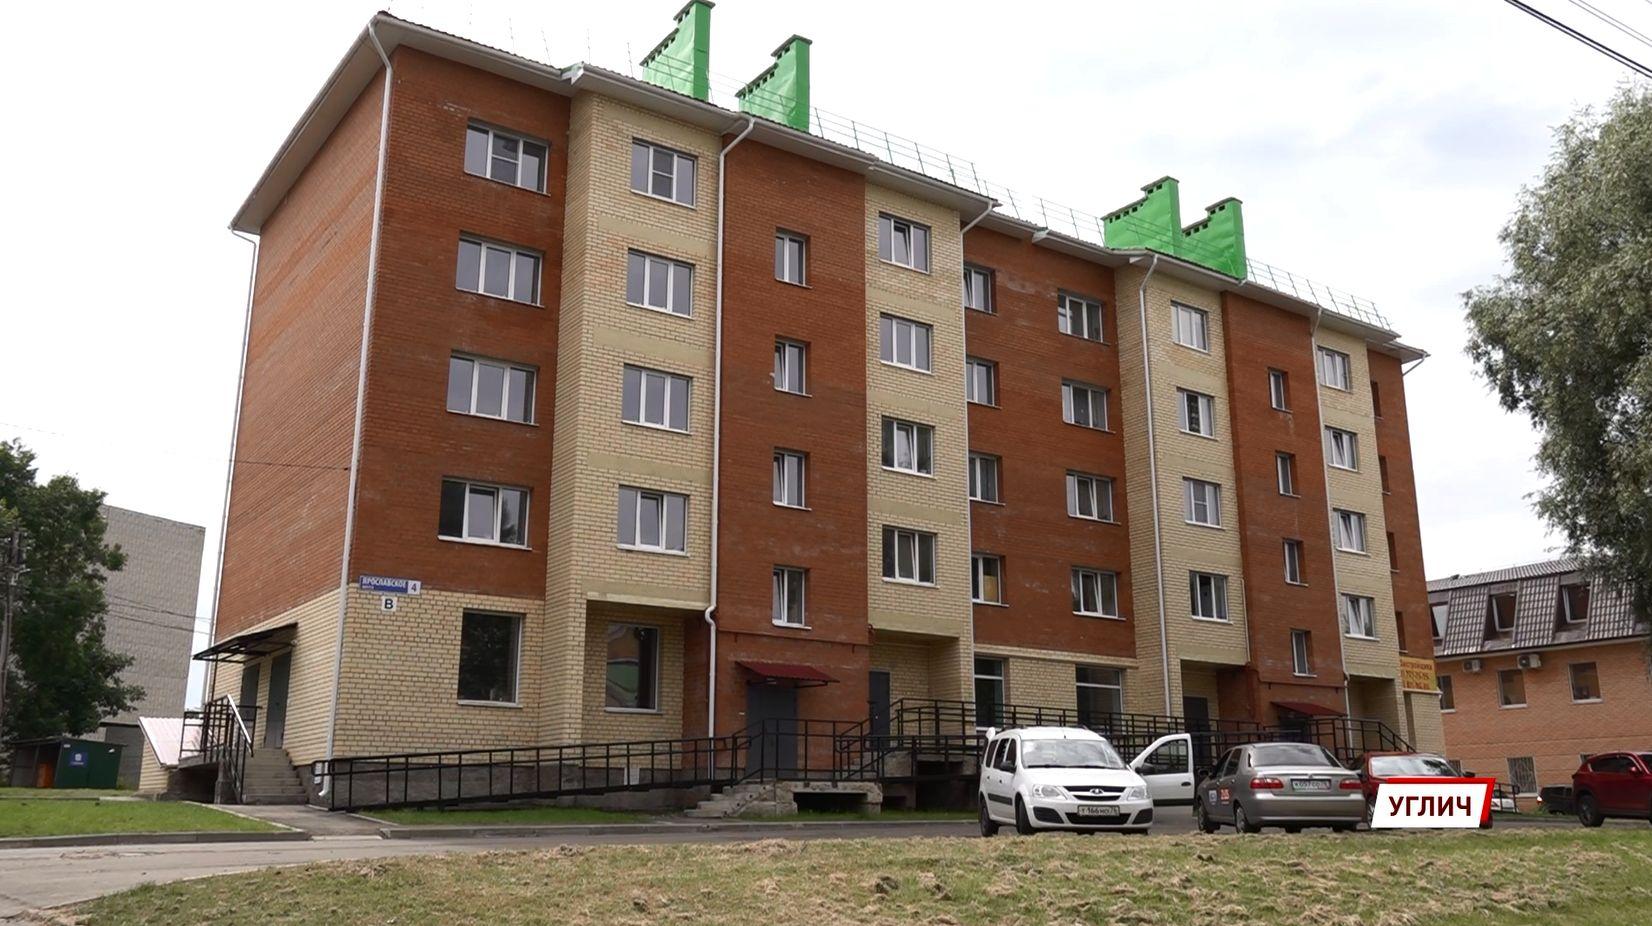 Дмитрий Миронов: расселение из аварийного жилья - одна из приоритетных задач регионального правительства